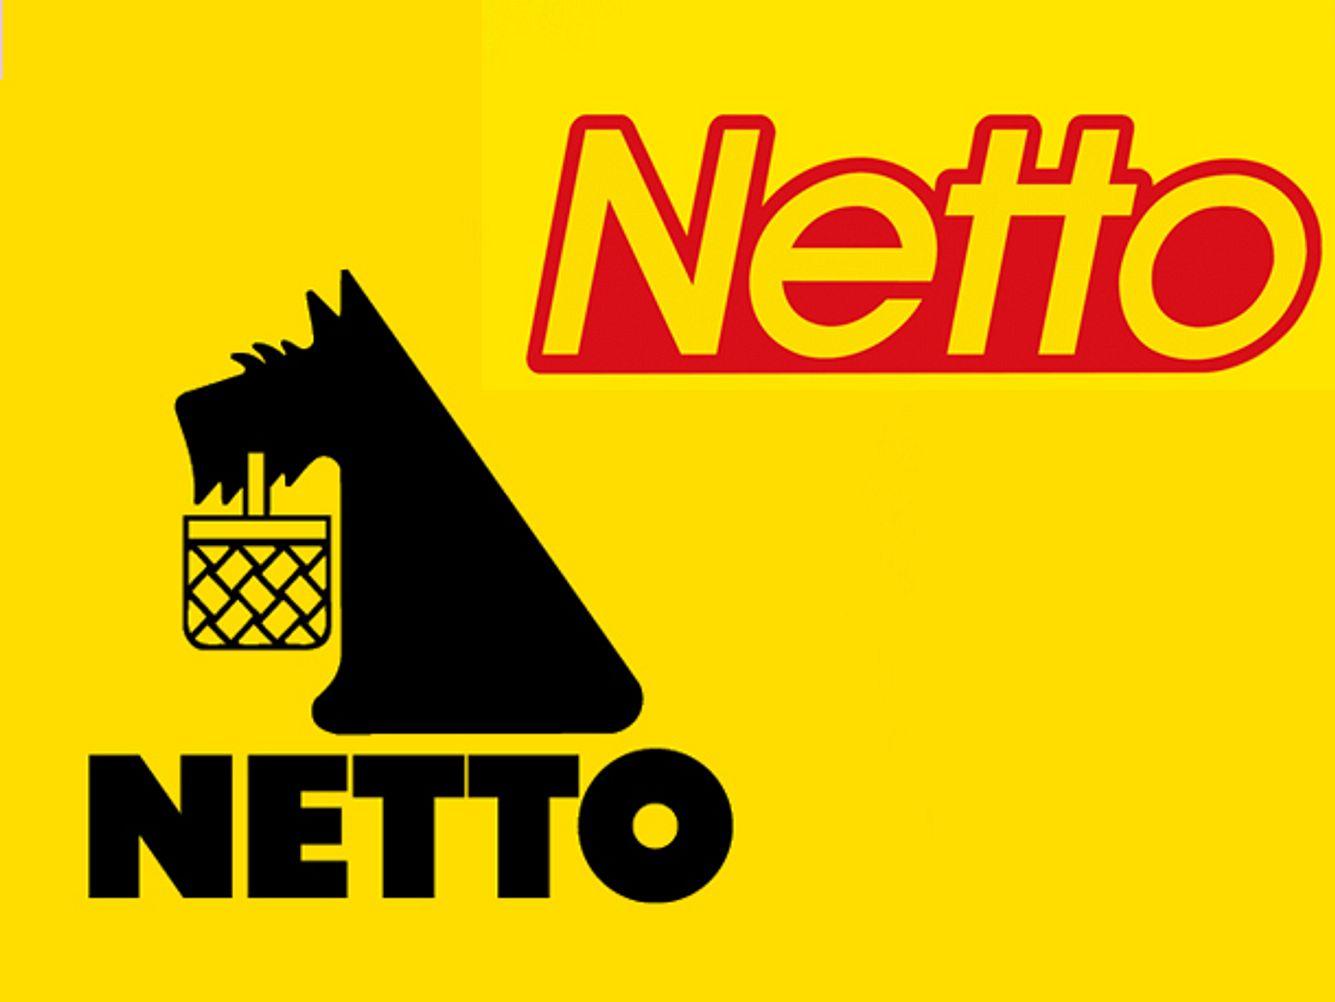 Hinter den beiden Netto-Logos stecken zwei Supermärkte.